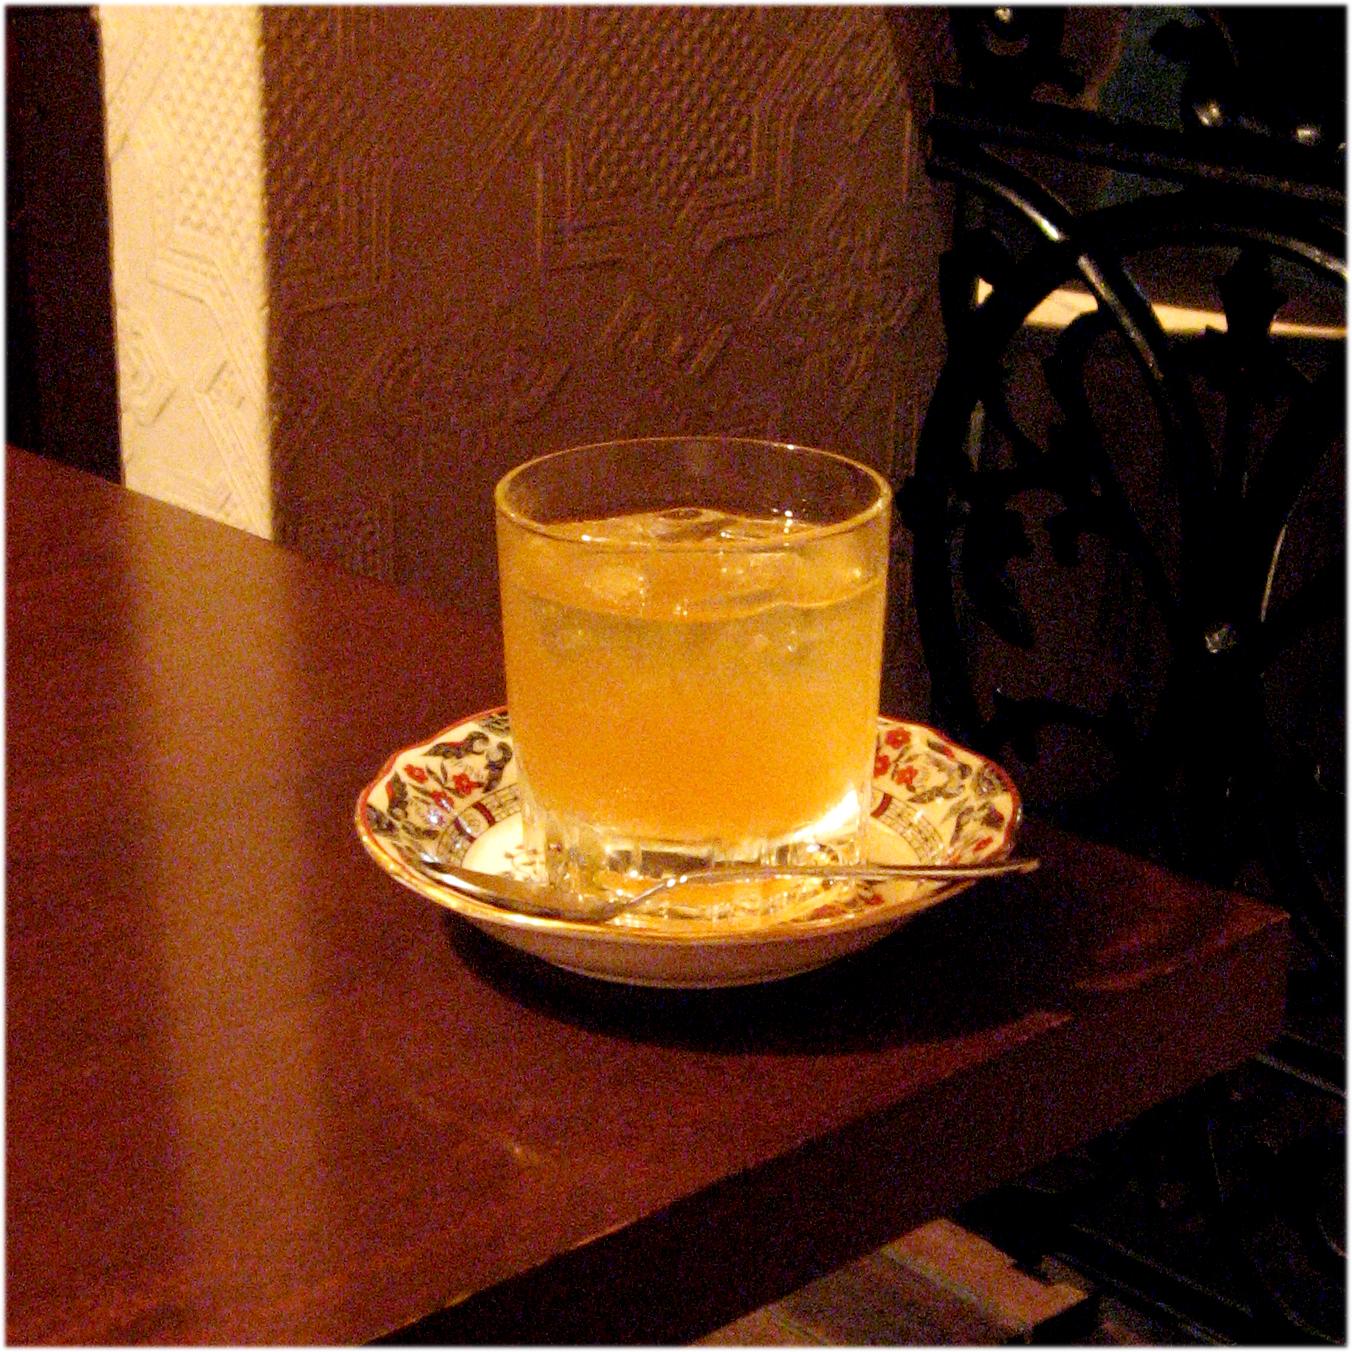 紅茶のカクテル2